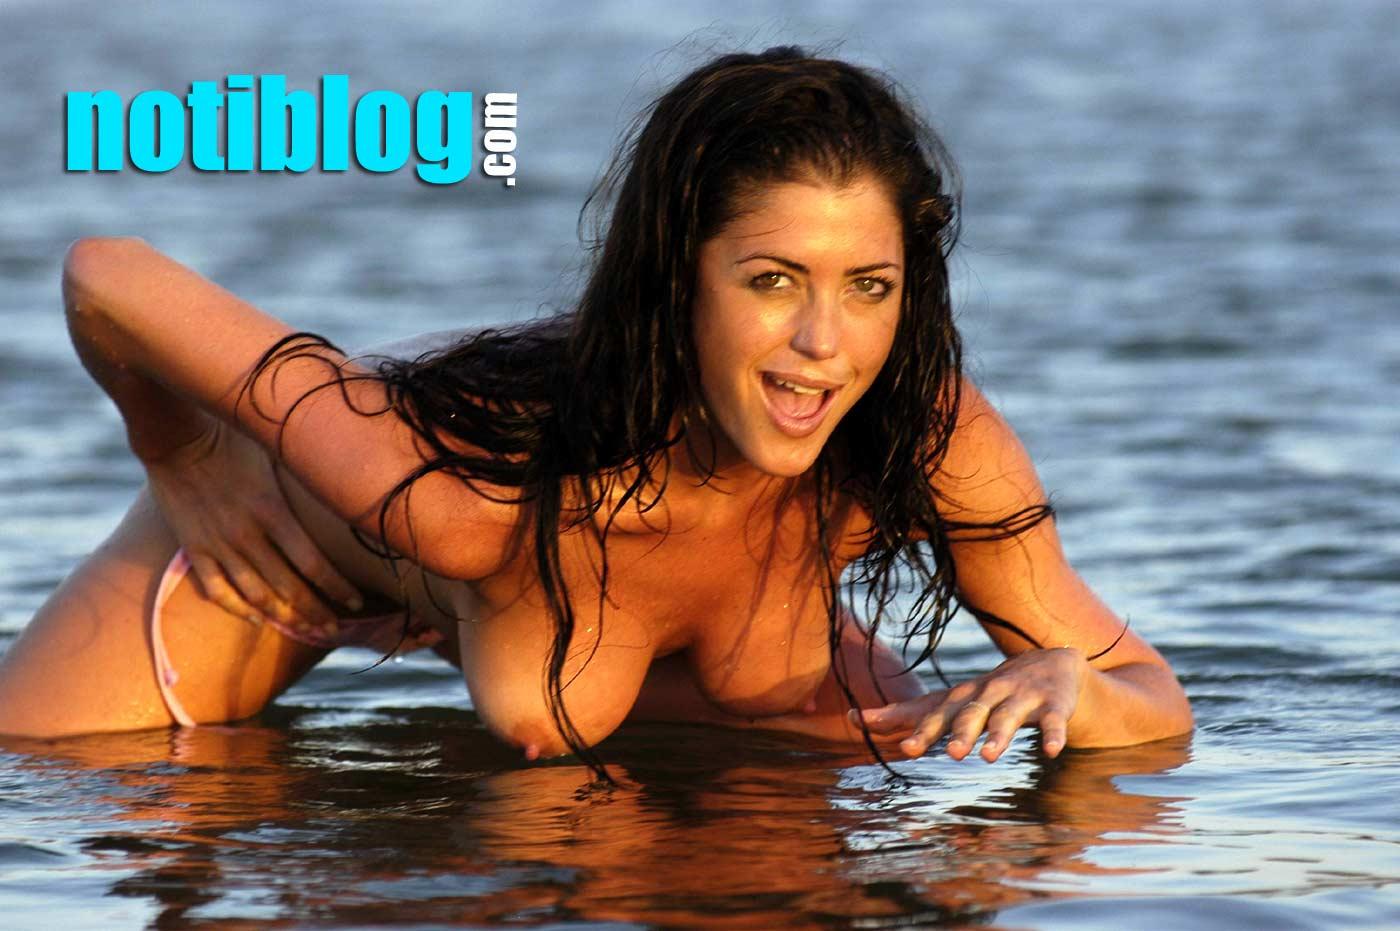 Belen rodriguez famosa argentina como nunca la viste - 2 part 6